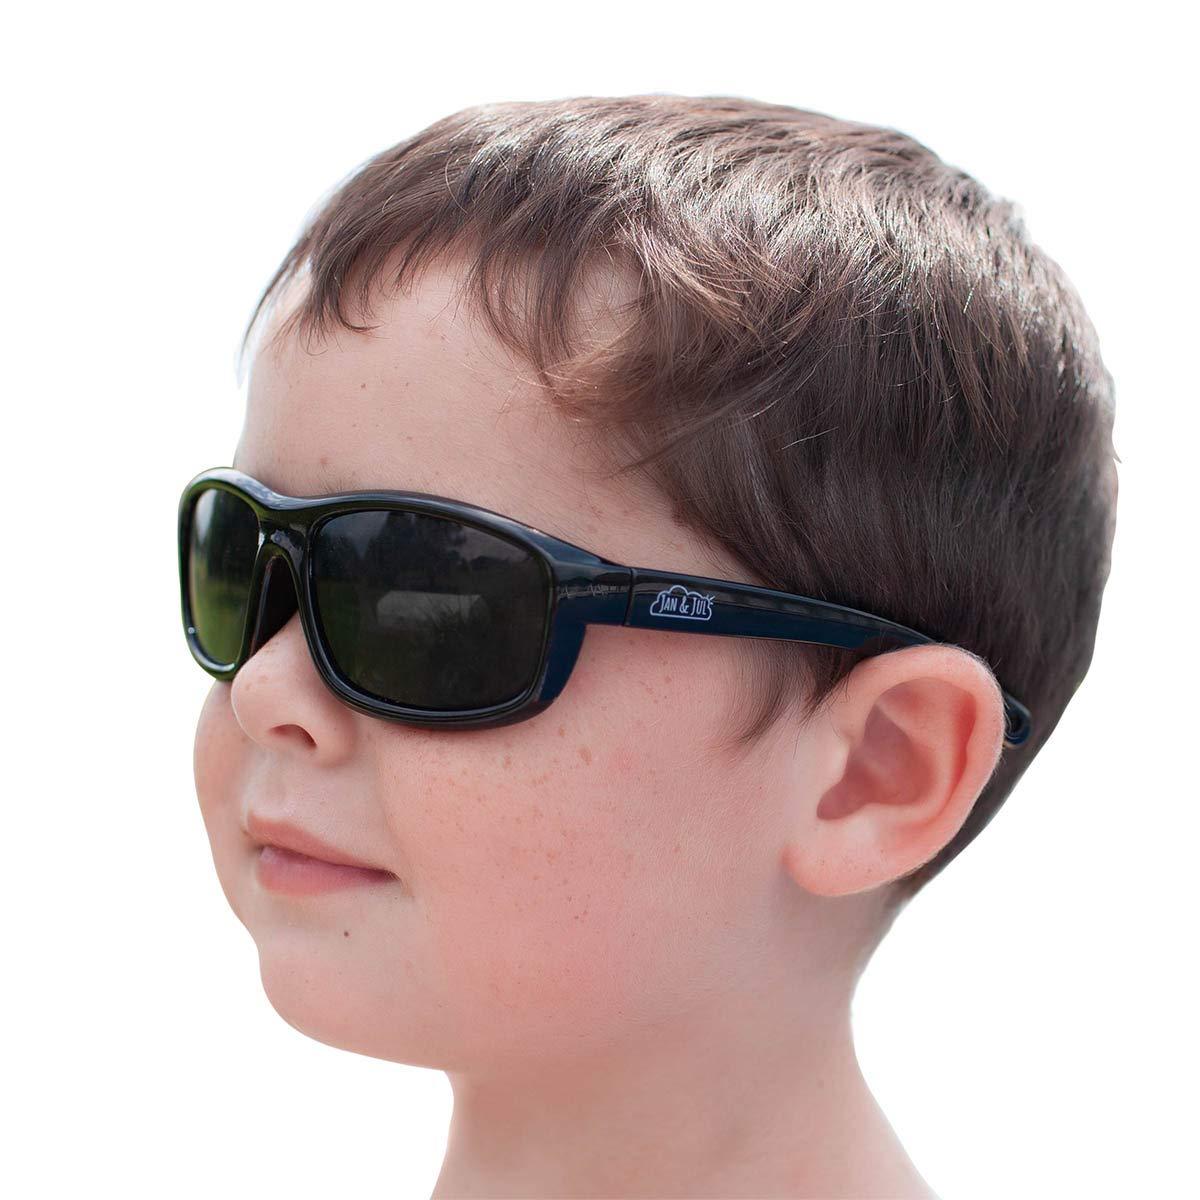 JAN & JUL Baby Toddler Kids' Flexible UV-400 Polarized Sun-glasses with Strap for Girls Boys